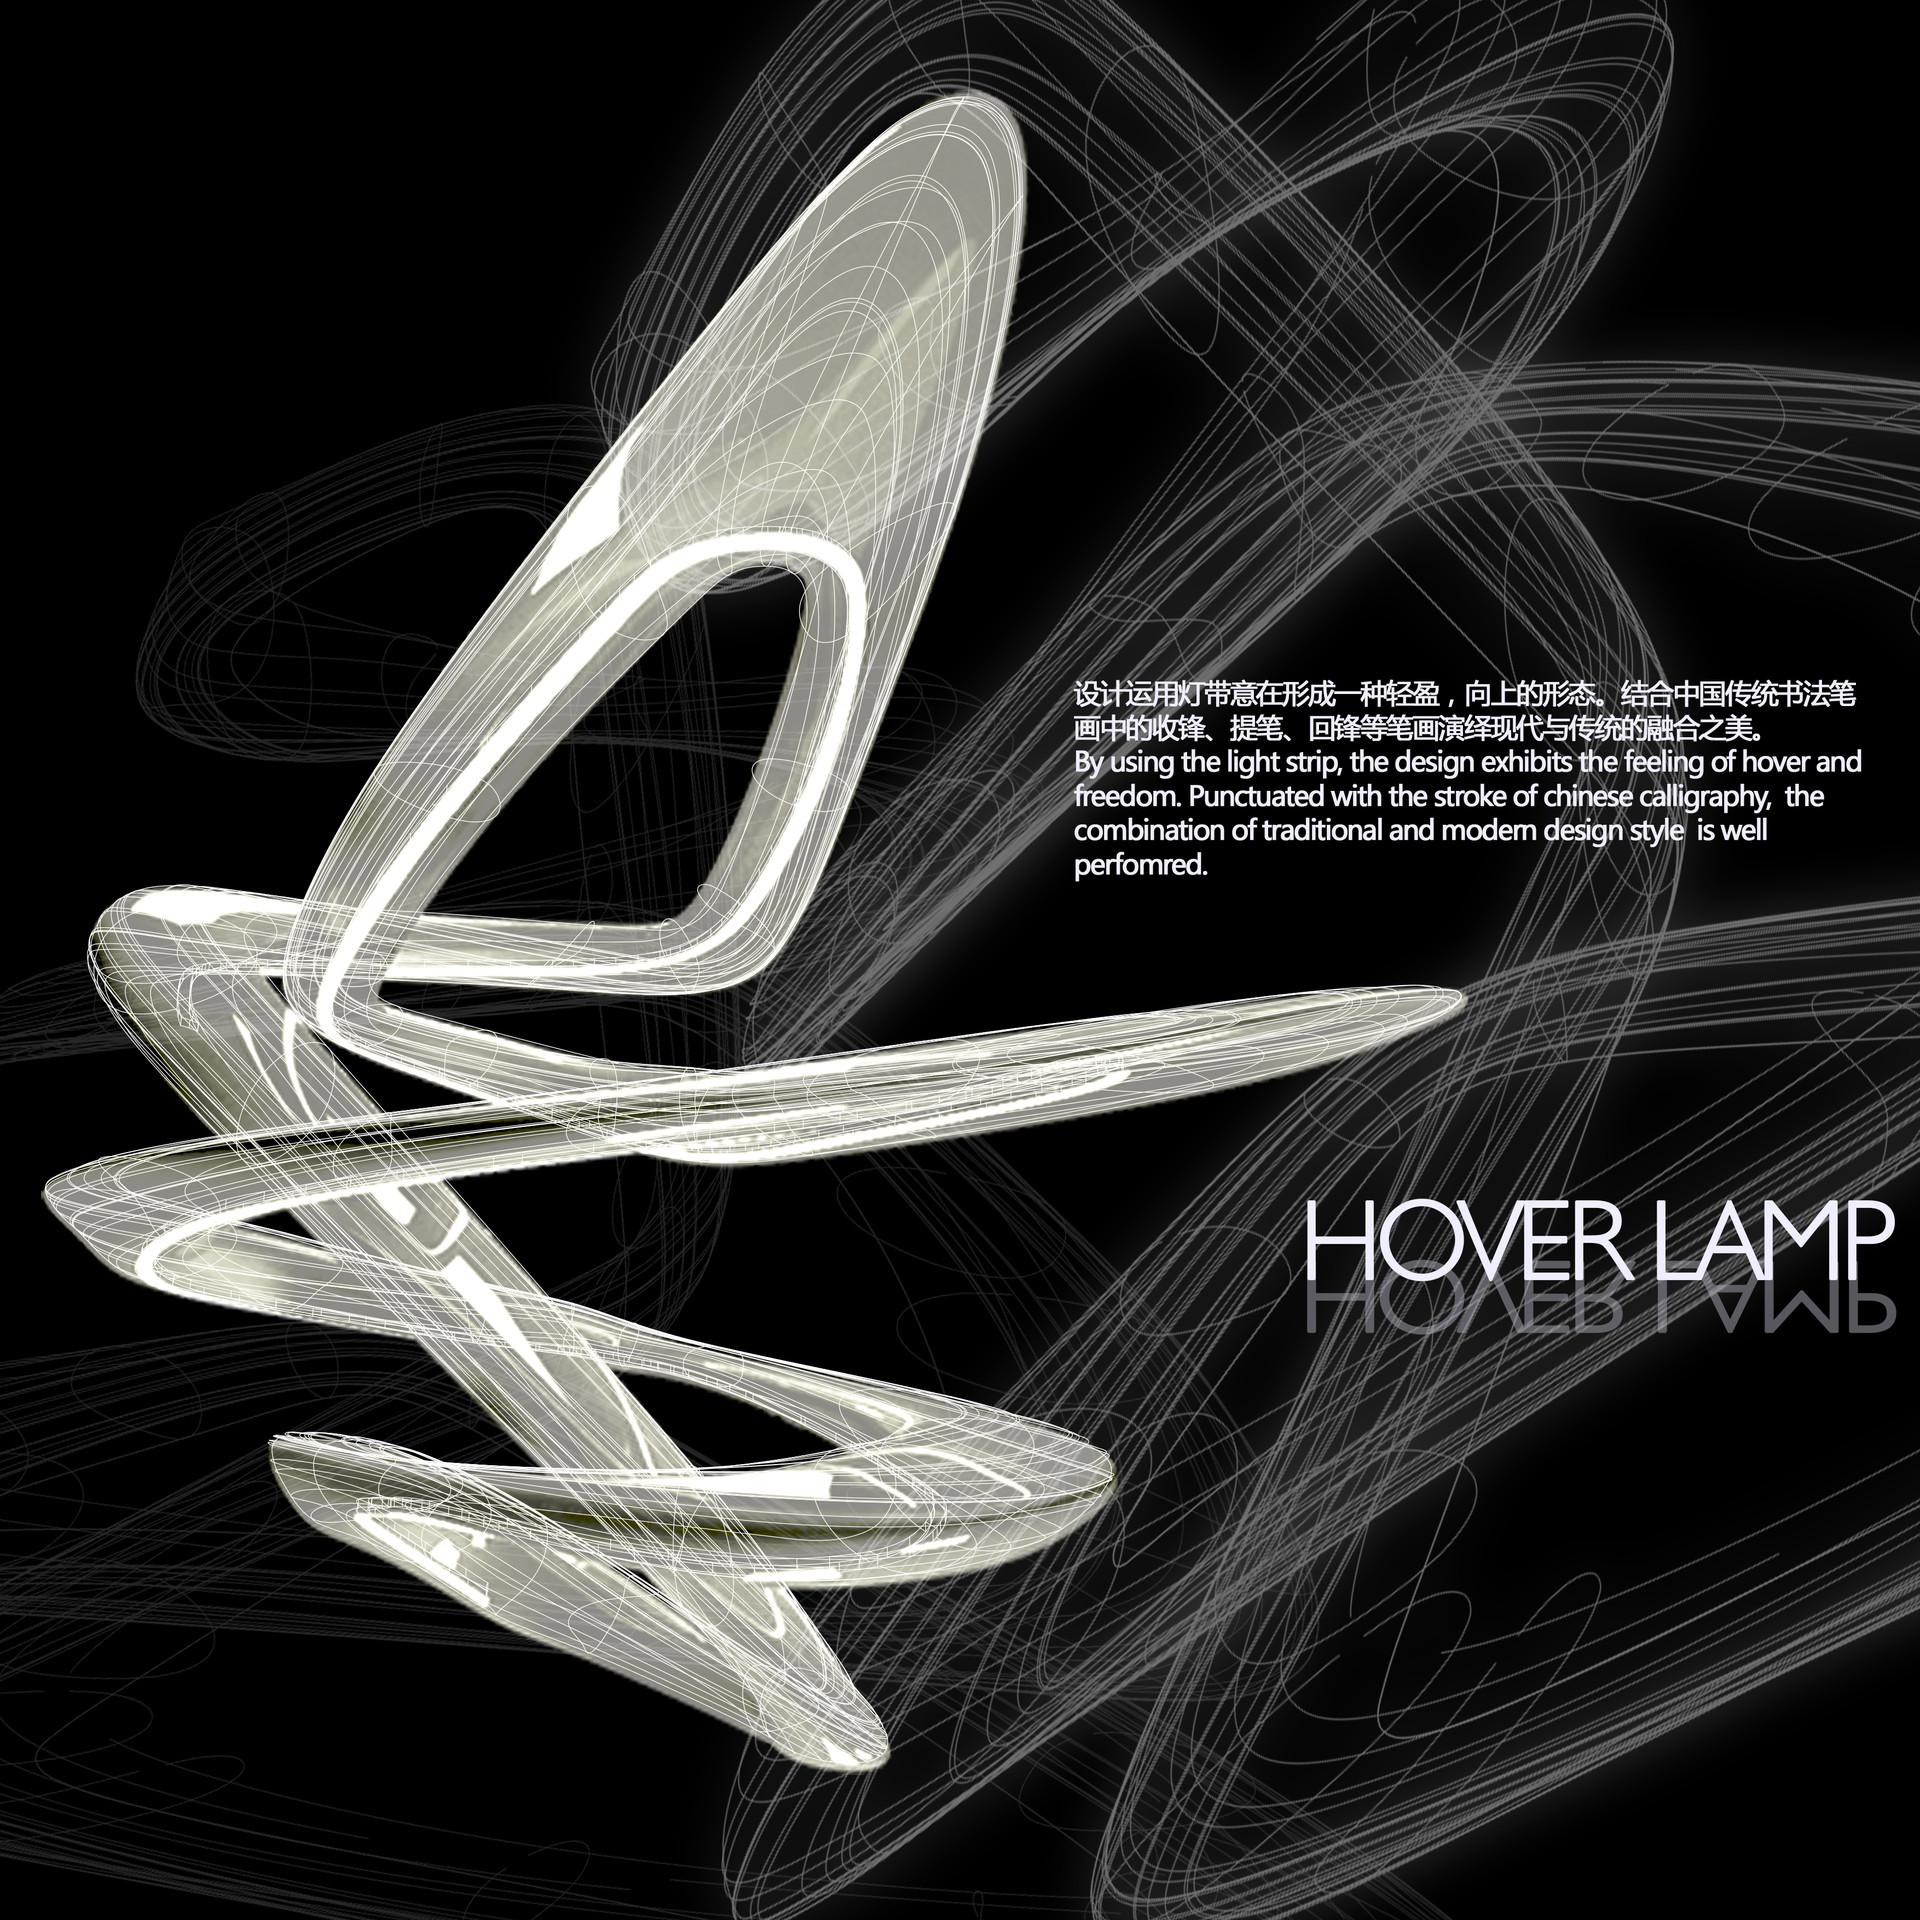 hover lamp.jpg